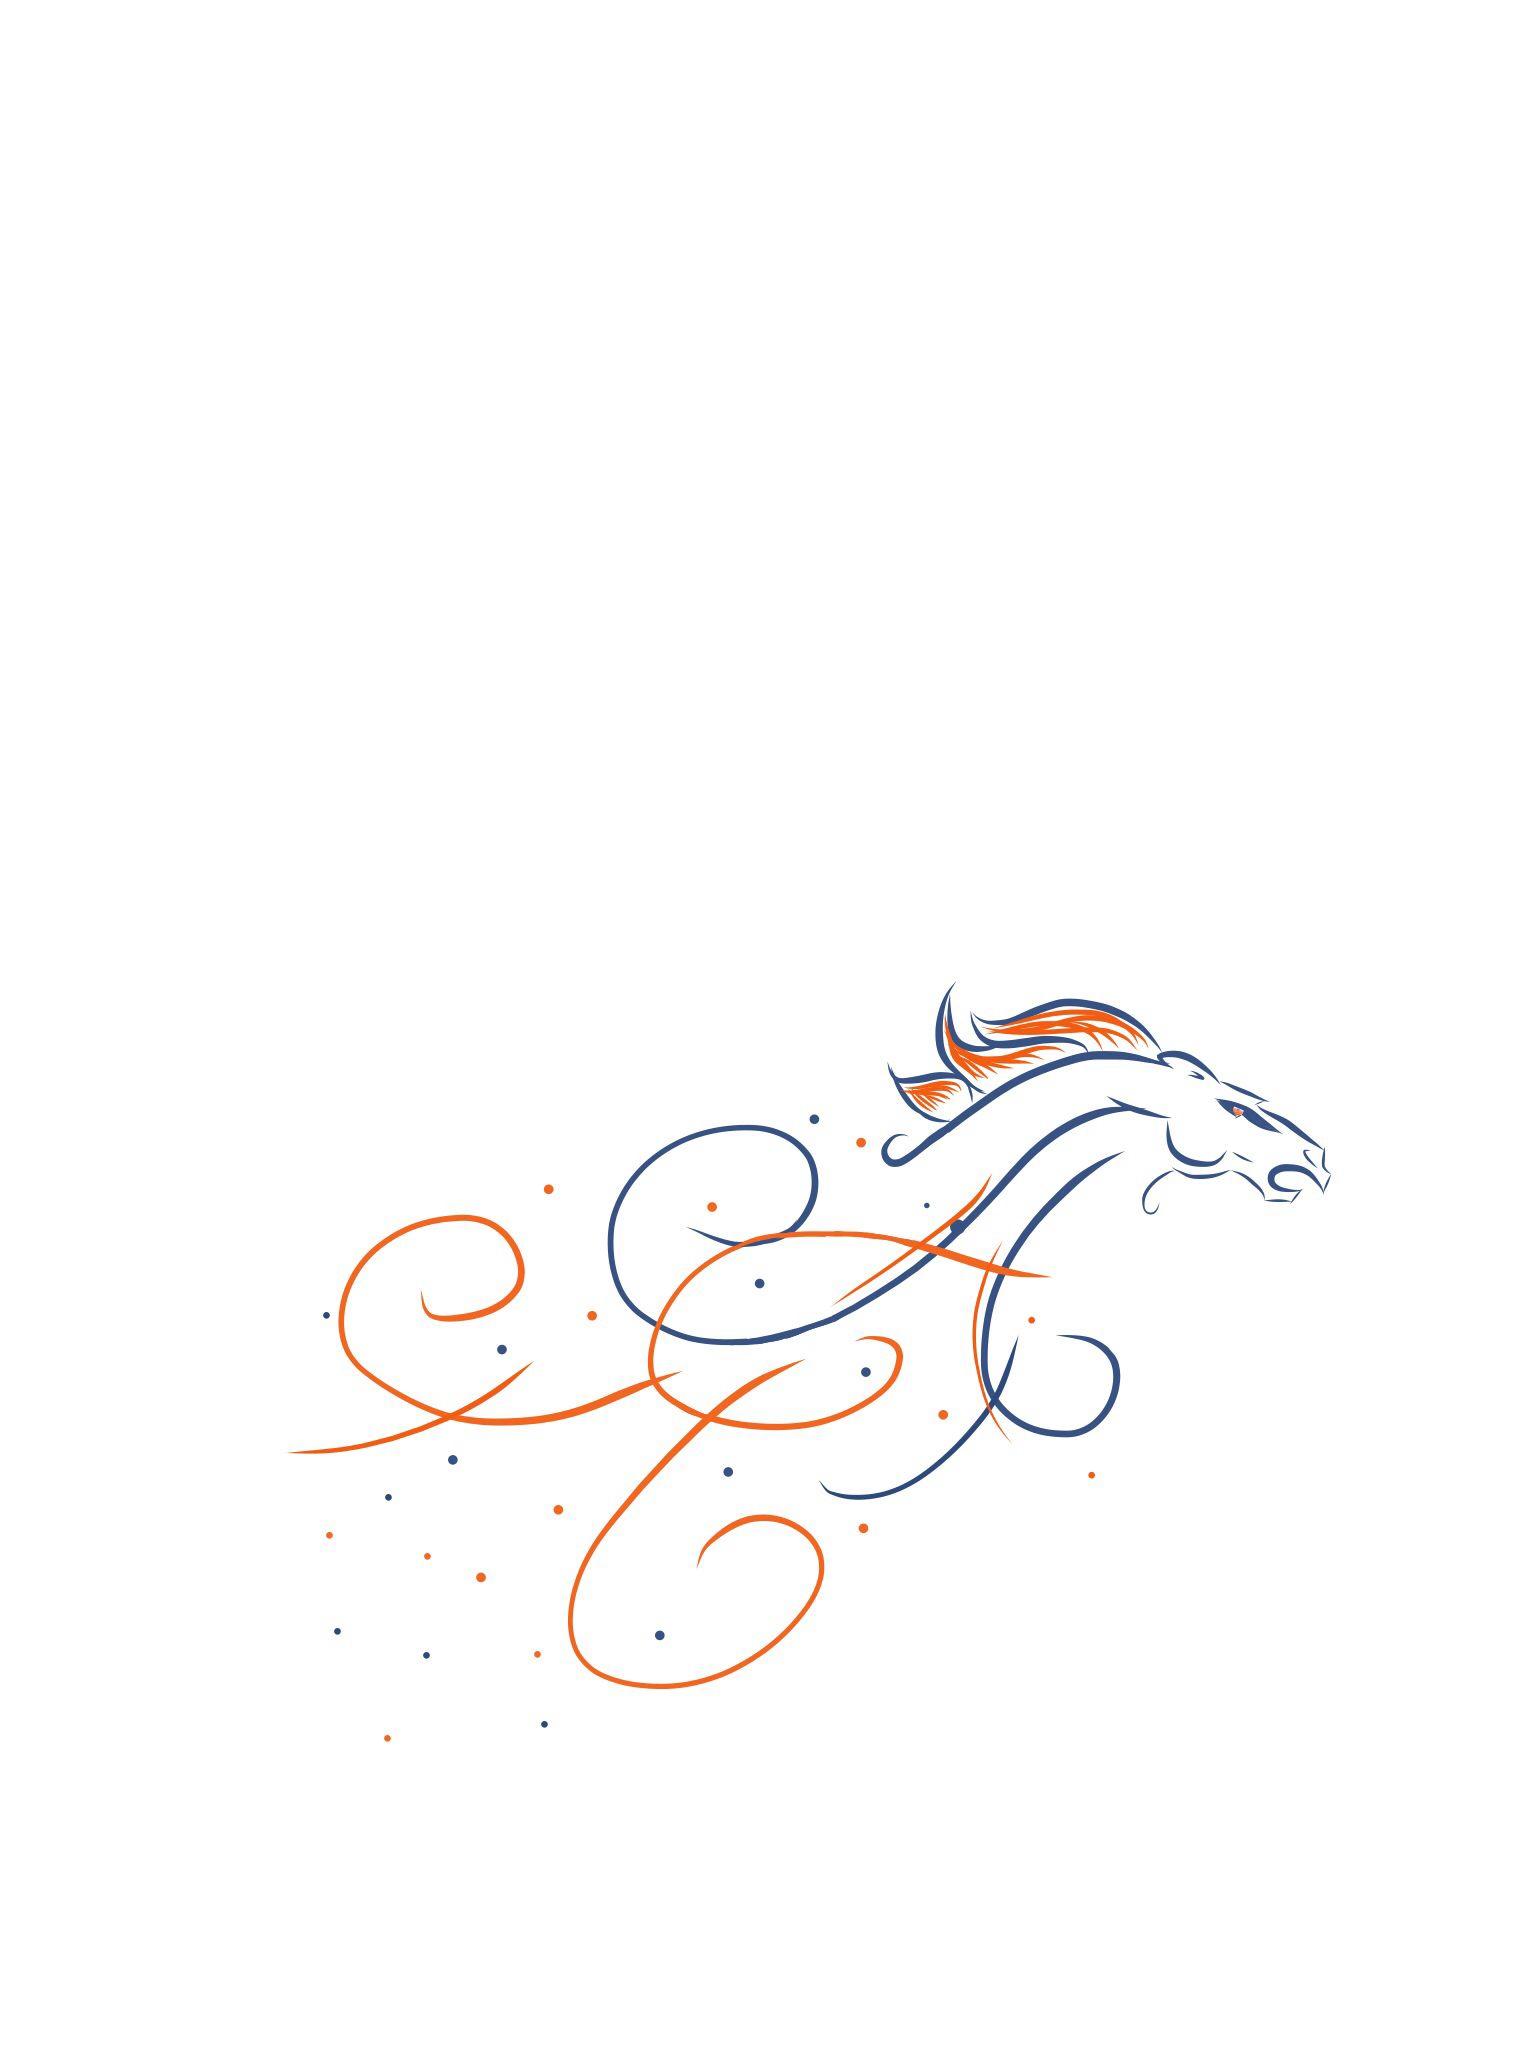 Feminine Denver Broncos design. Would be a neat tattoo design ...